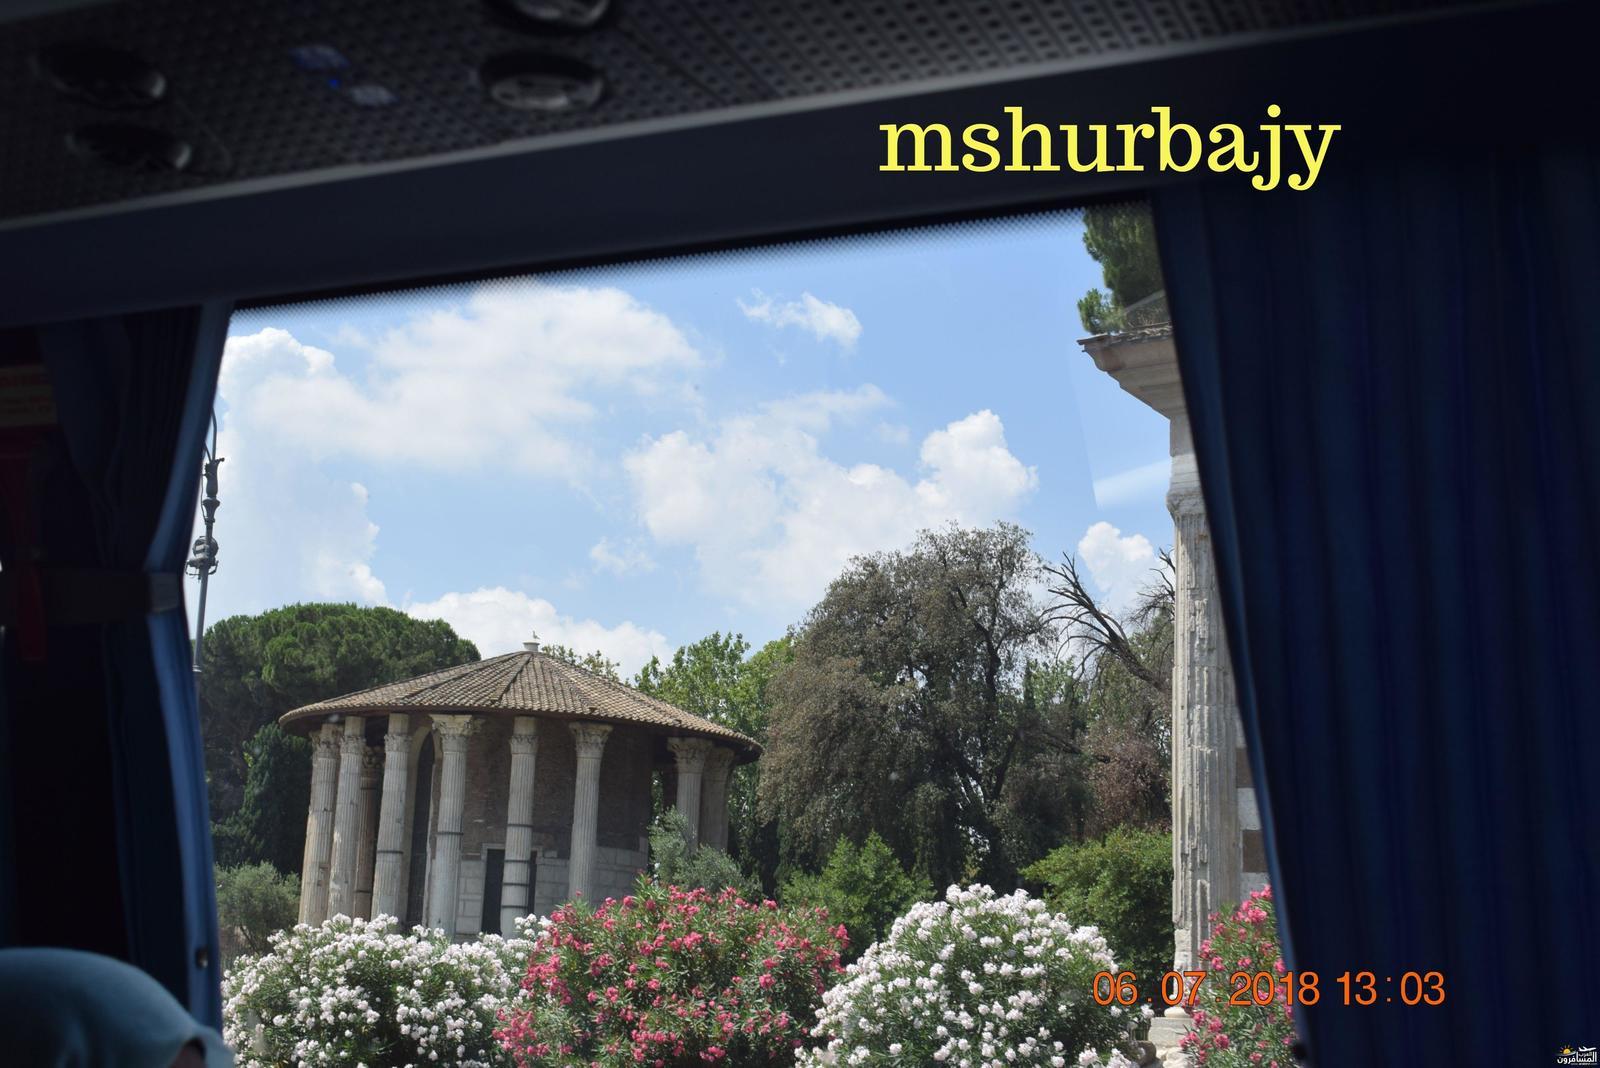 مدينة سيفيتافيشيا 555867 المسافرون العرب